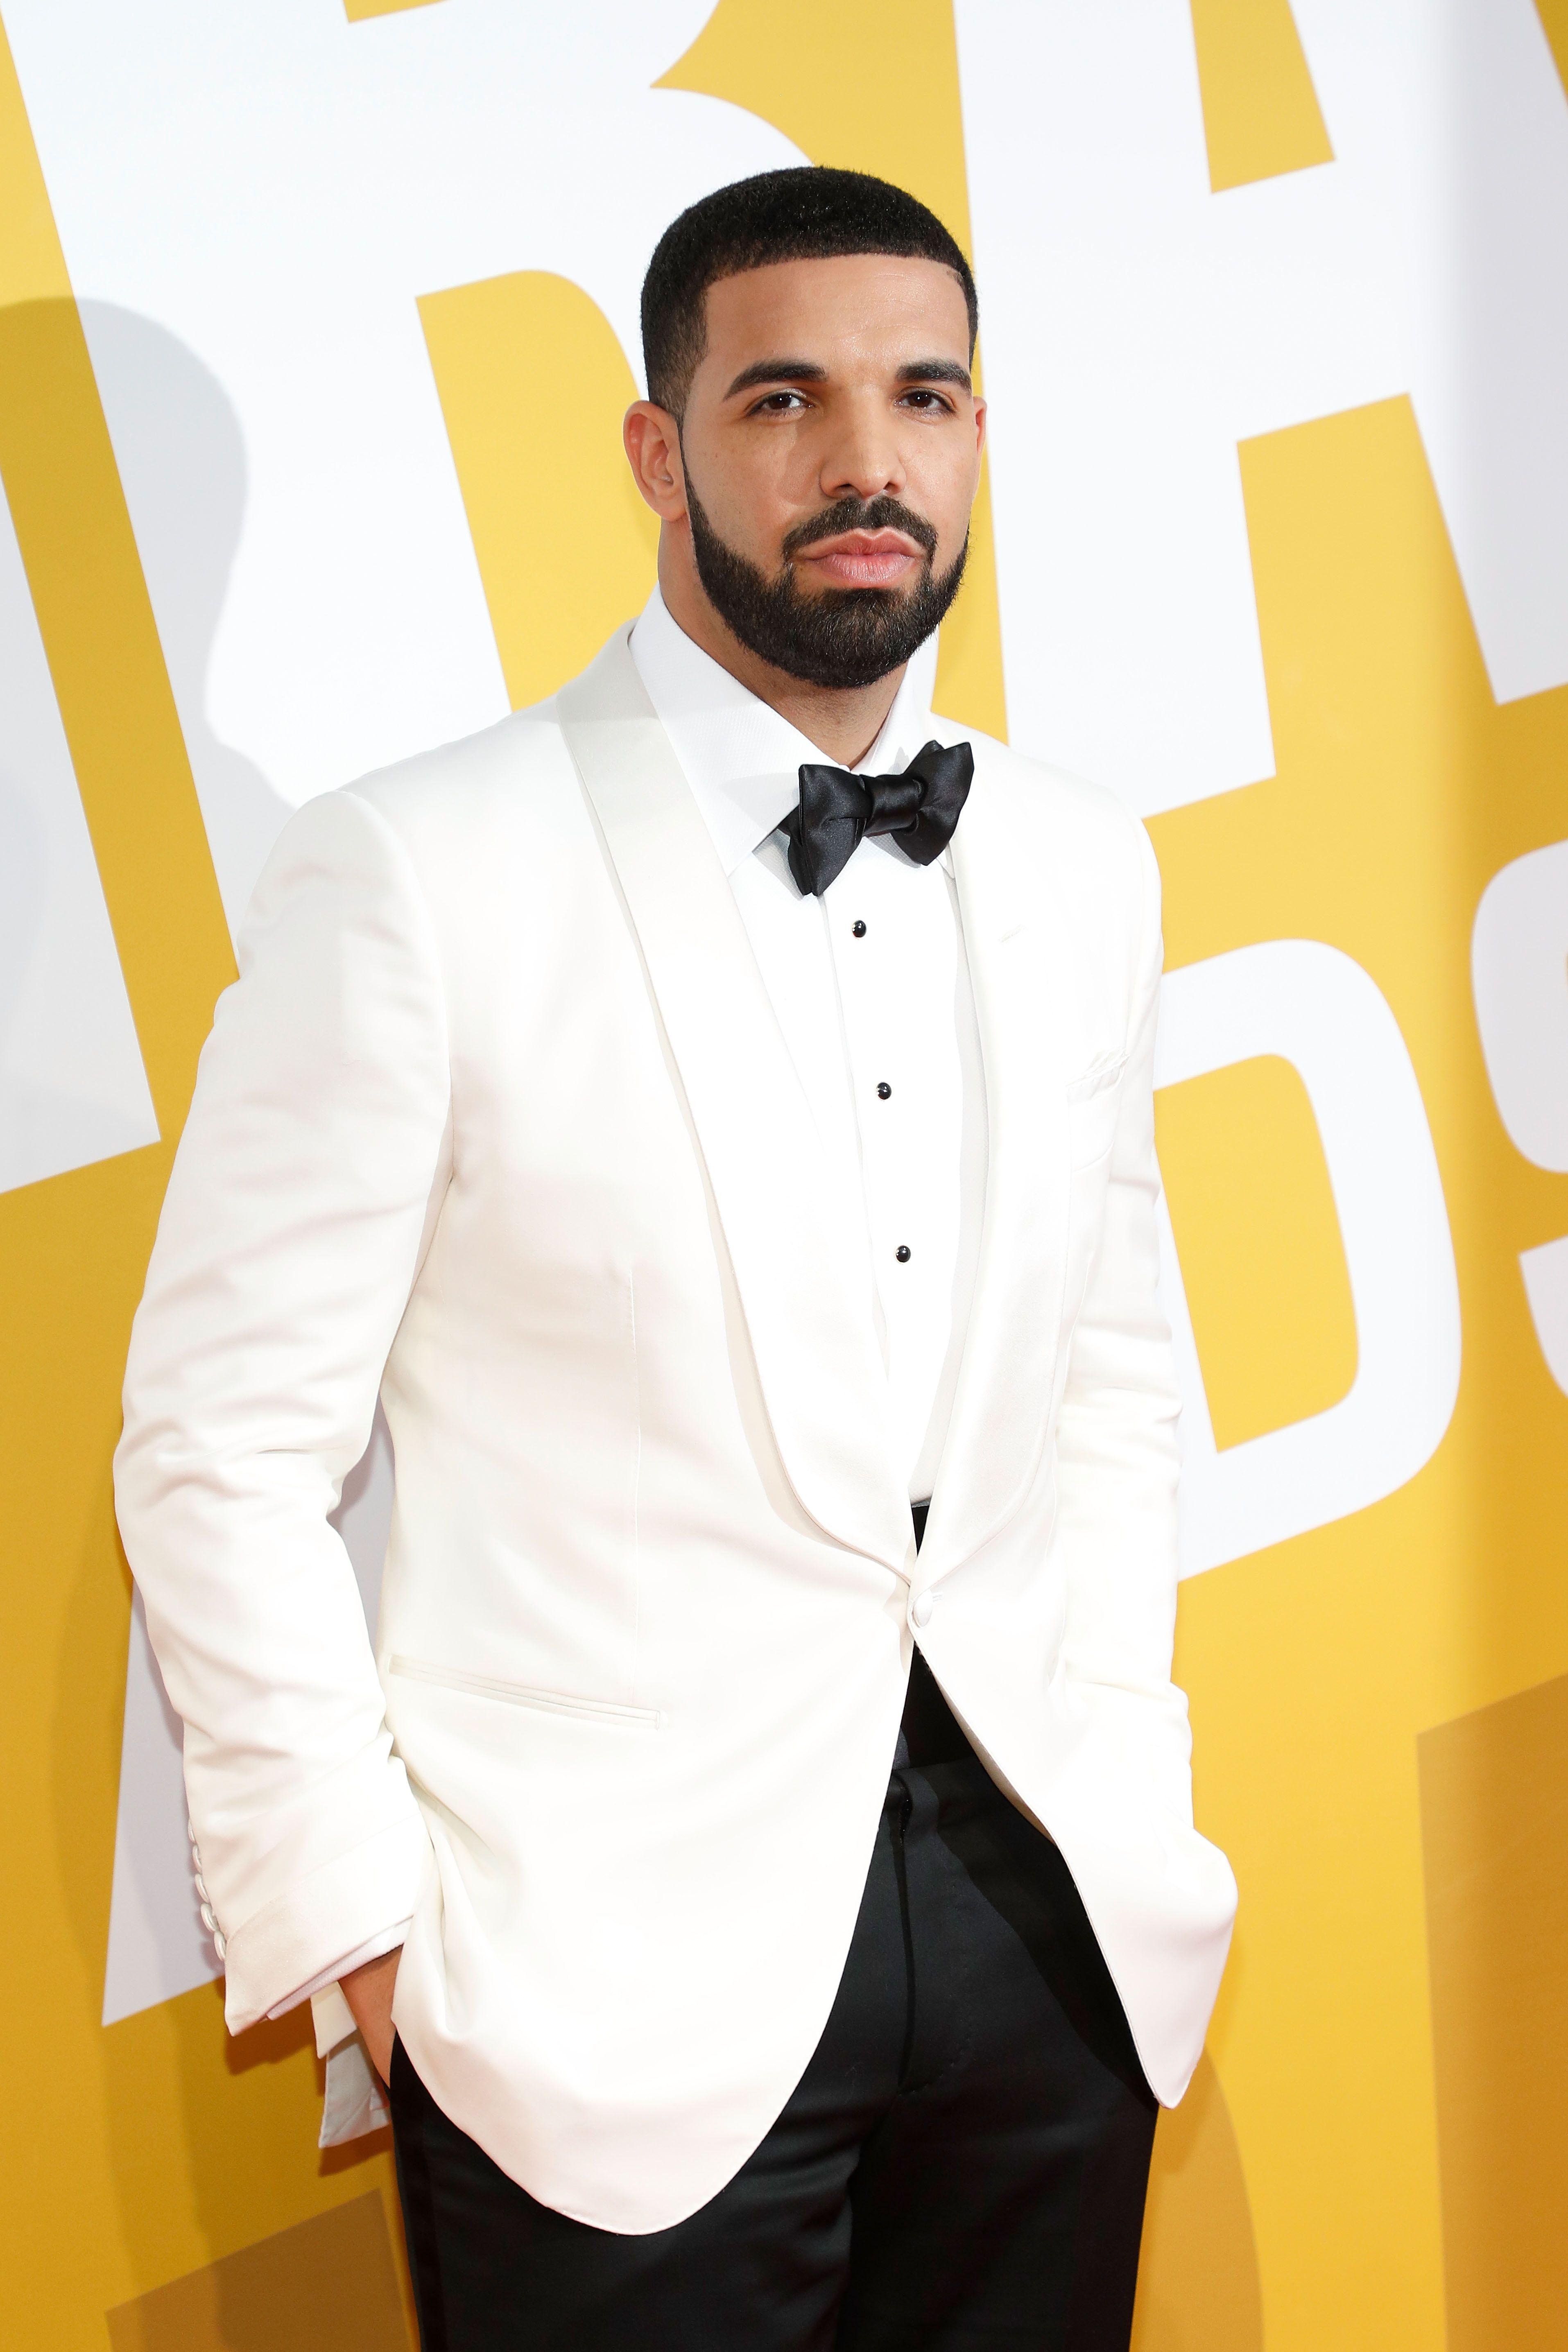 Drake Confirms He Has a Son in New Album Scorpion - Drake Confirms